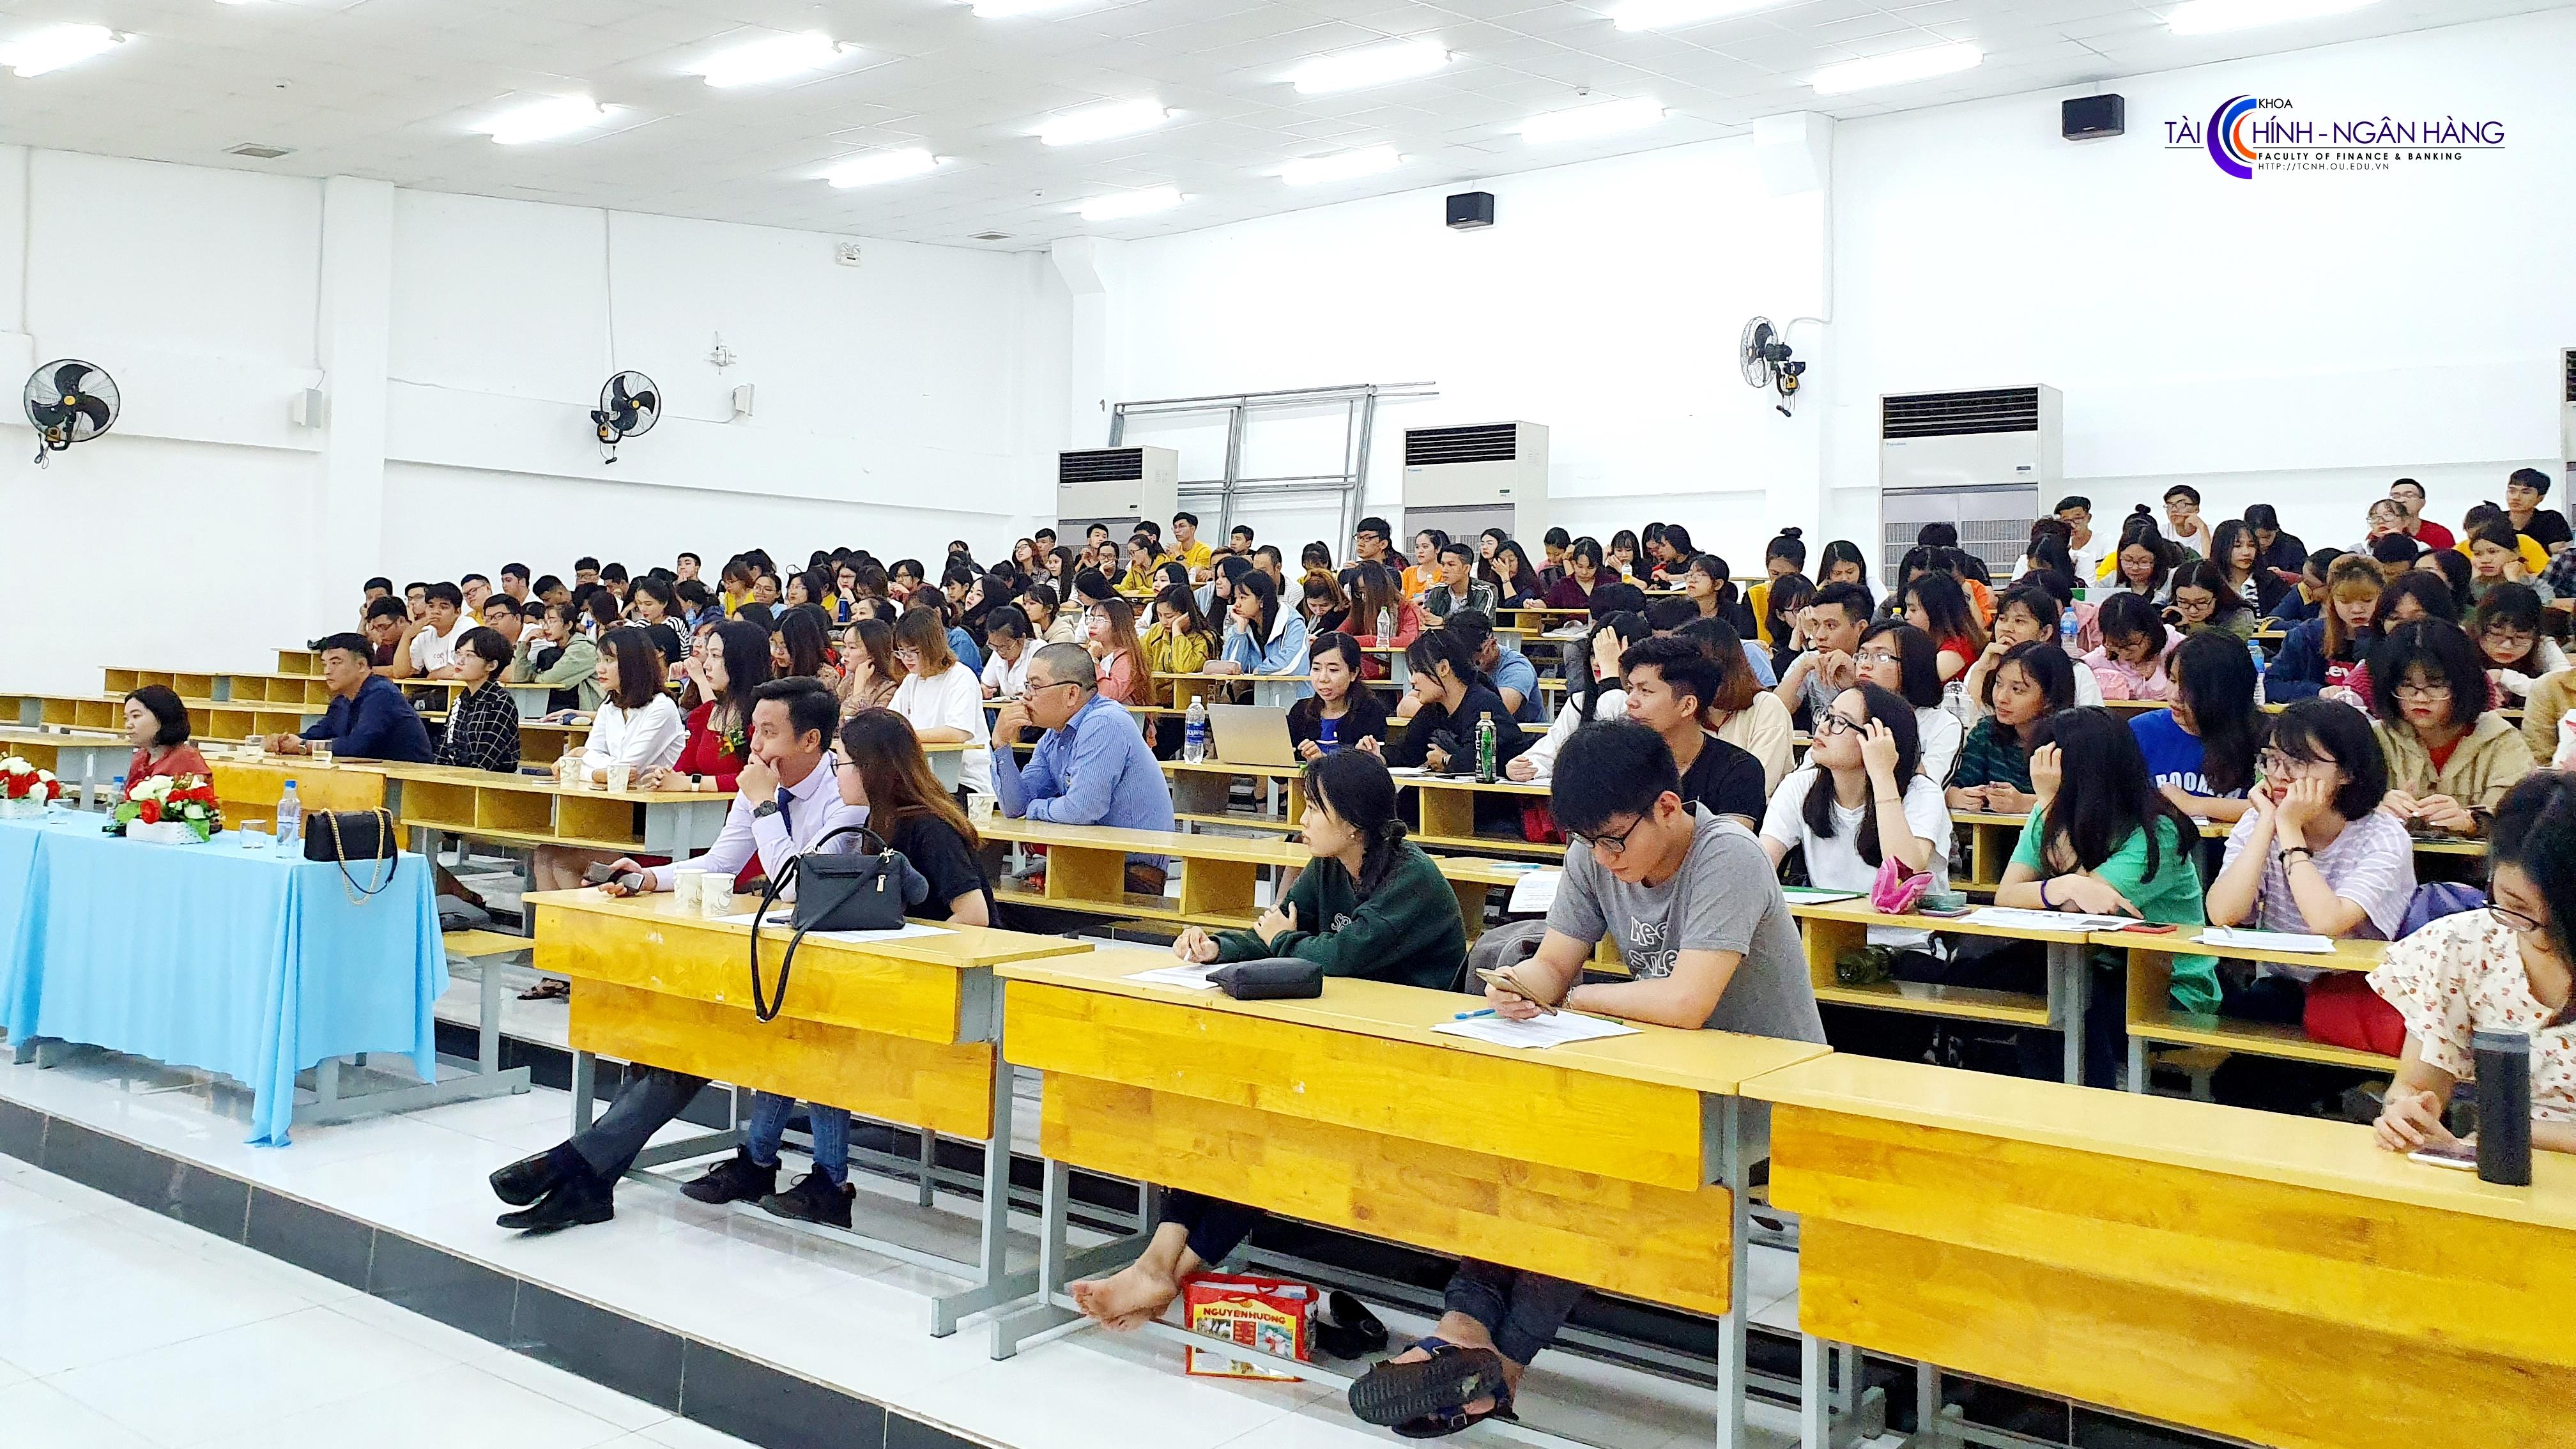 """Hơn 200 sinh viên tham dự tọa đàm """"Định hình bản thân"""" sáng ngày 20/7/2019."""